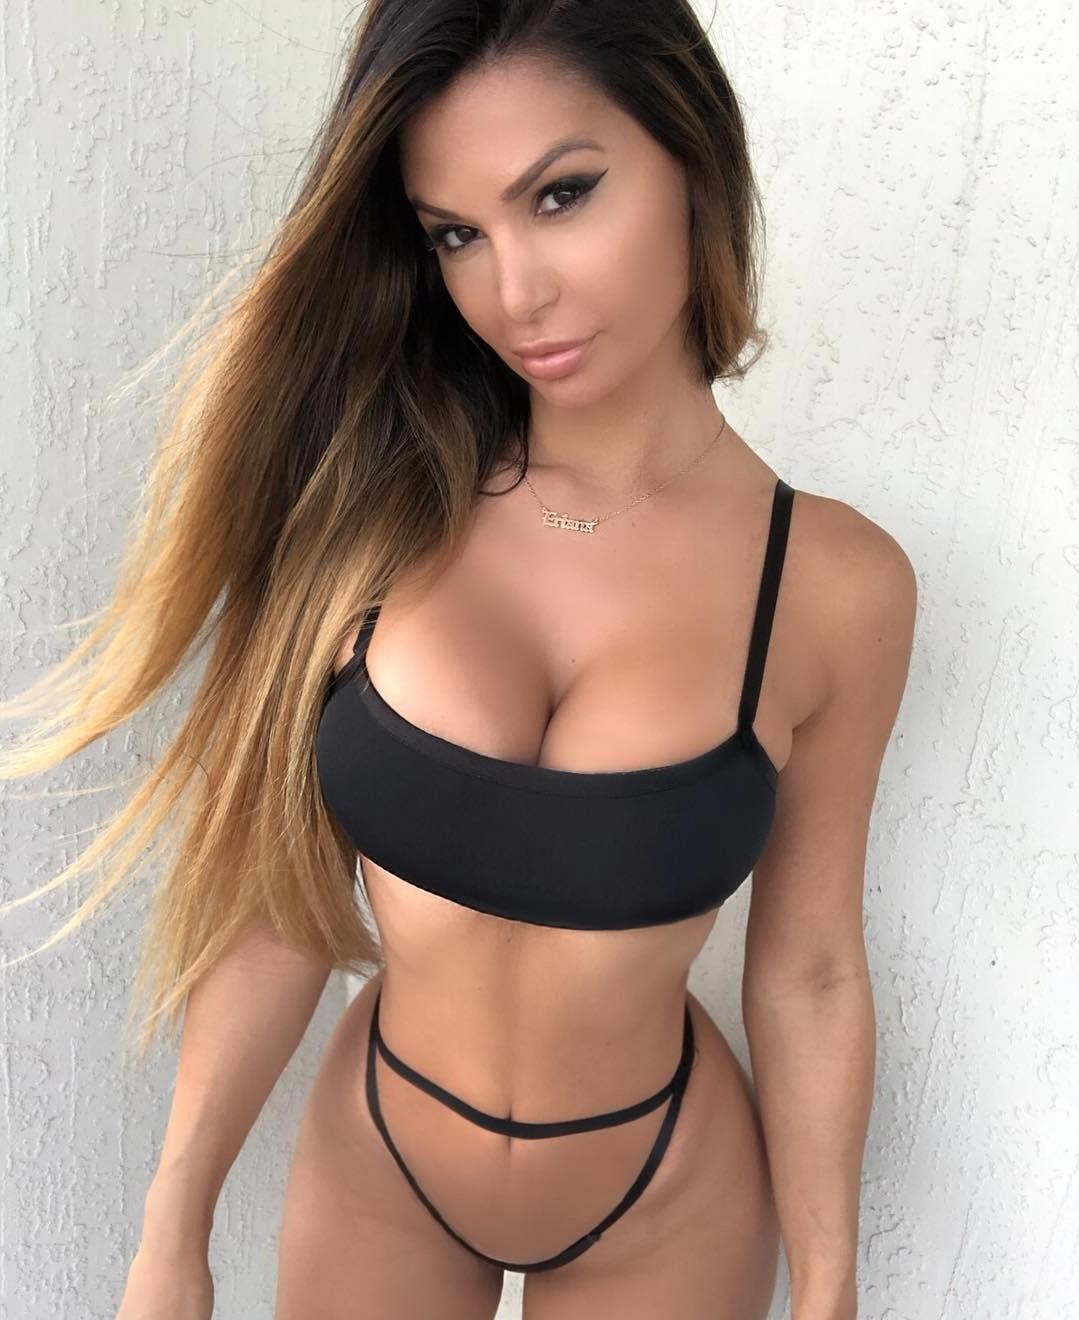 Streamate & Live Sex Cam Sites Like Streamate.com